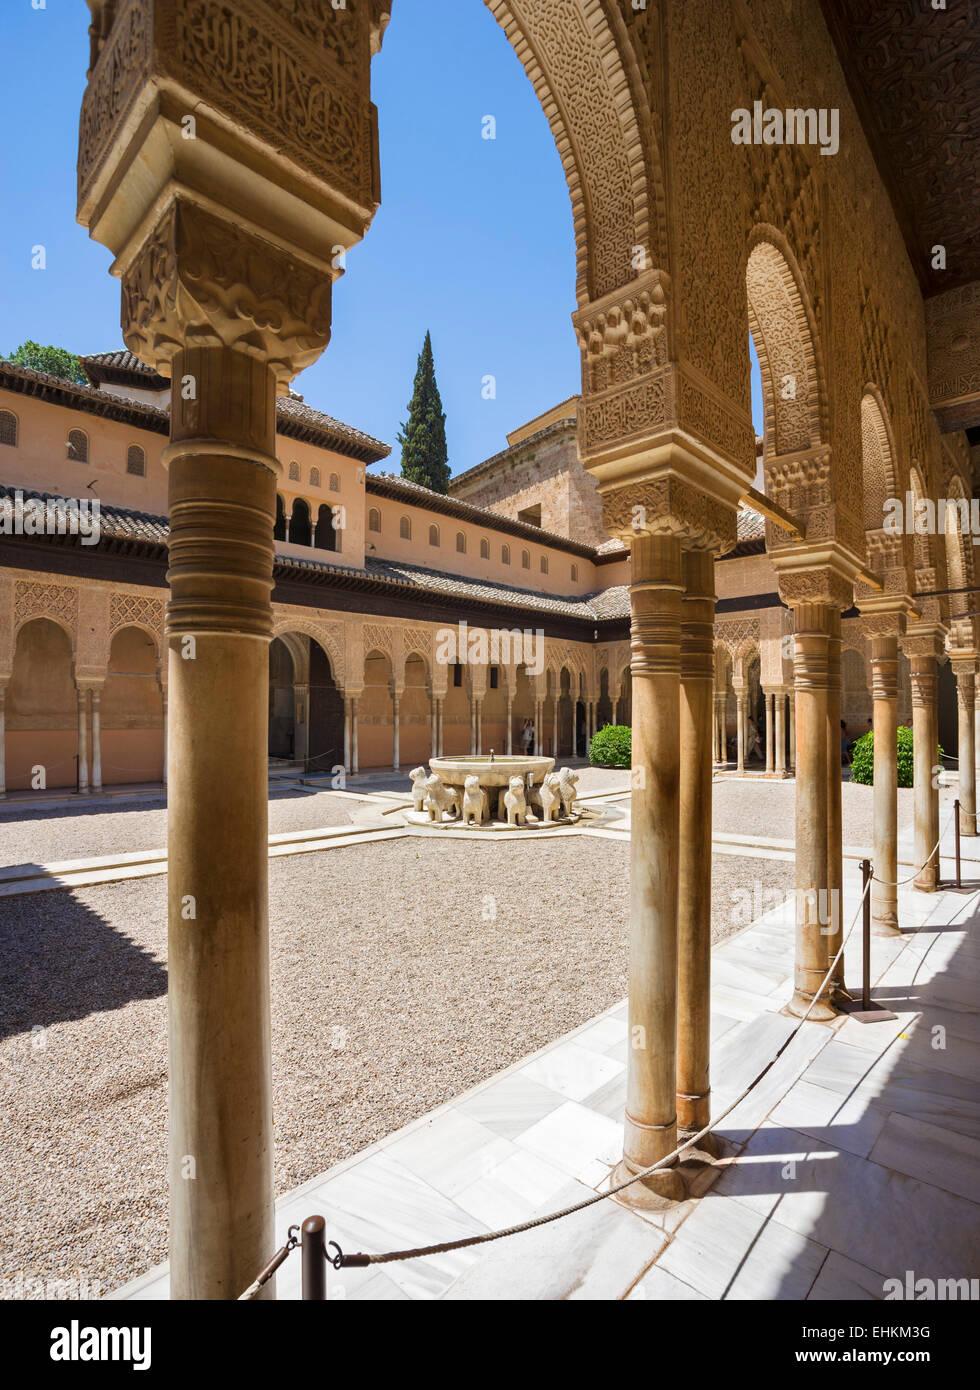 Granada, Alhambra. Patio de Los Leones (Hof der Löwen), Palacios Nazaries, Alhambra, Granada, Andalusien, Spanien Stockbild